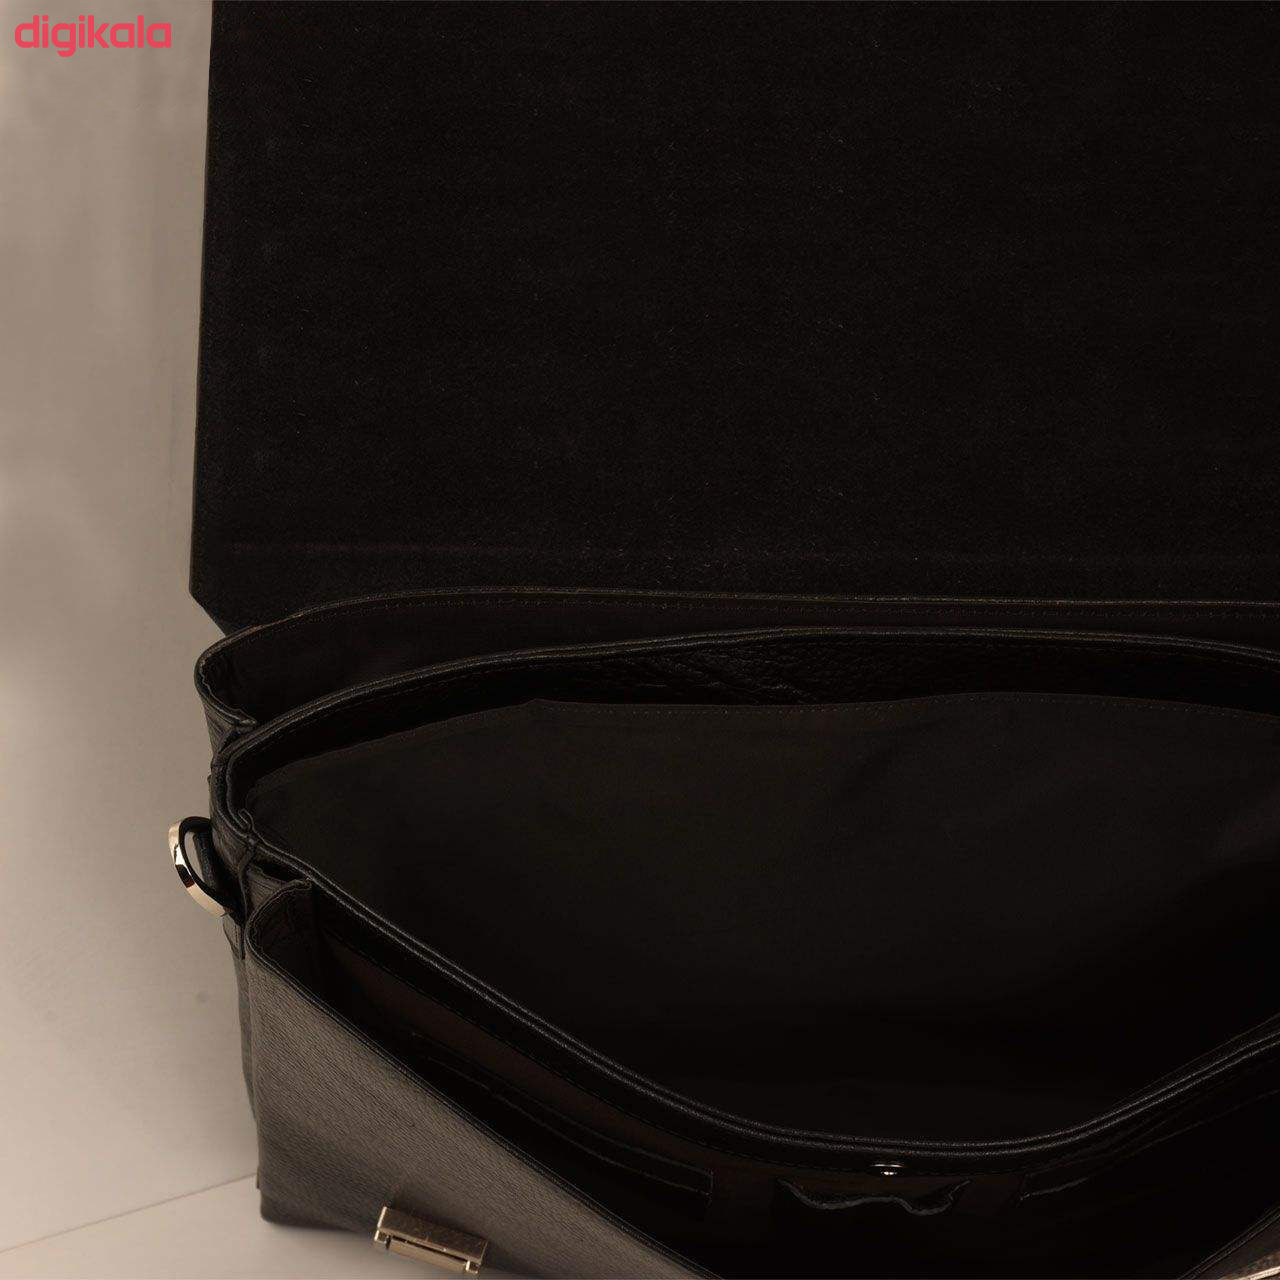 کیف اداری مردانه پارینه چرم مدل L146-1 main 1 39